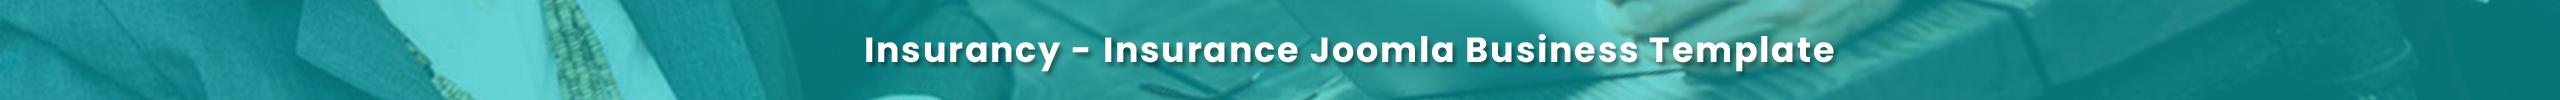 Insurancy Joomla Template